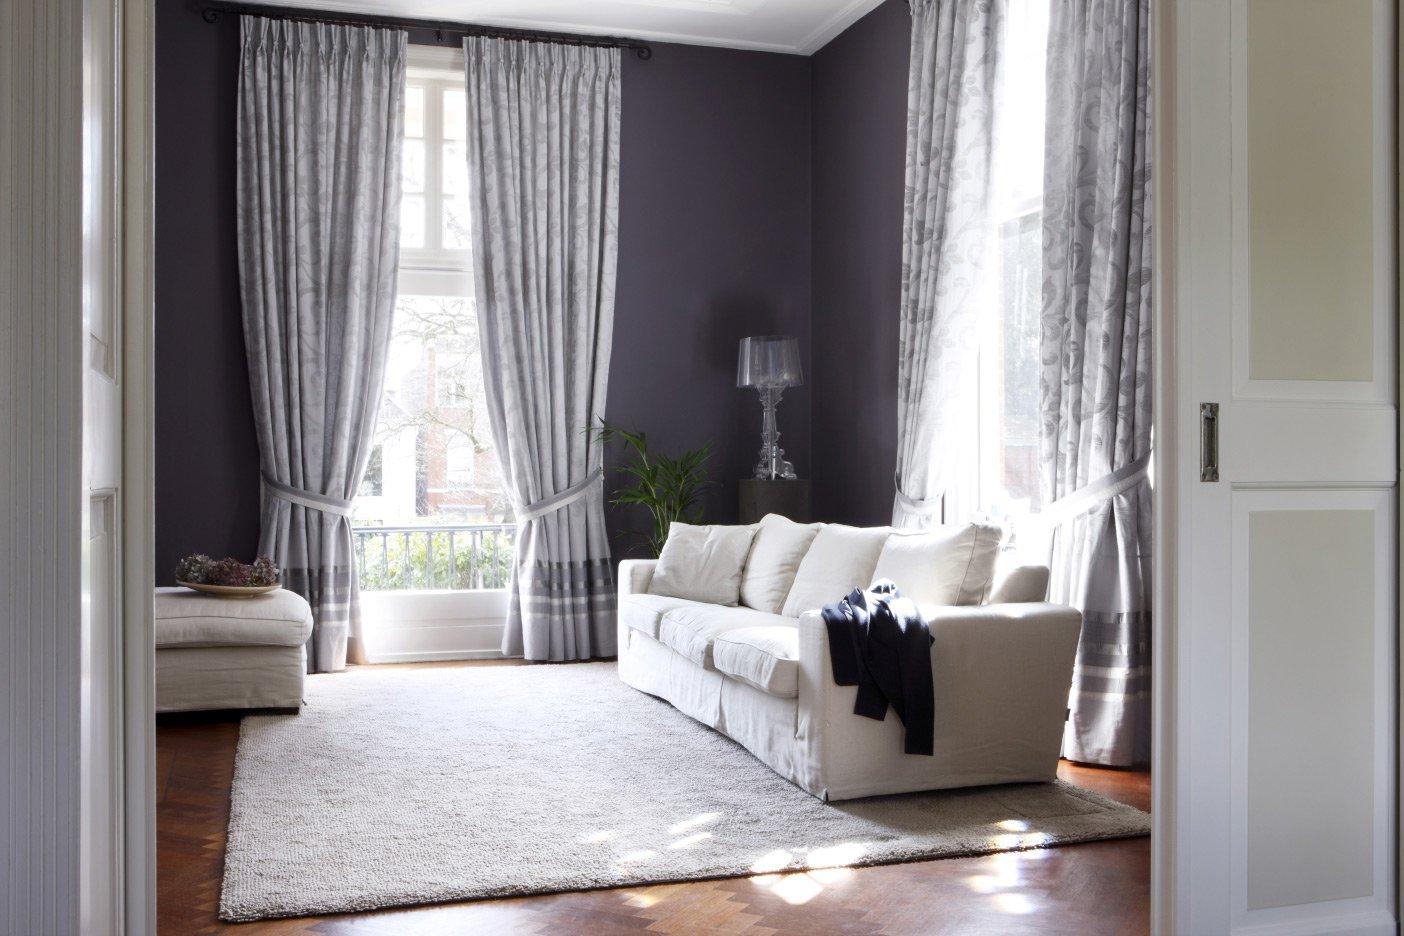 Gordijn Ideeen Woonkamer : Woonkamer gordijn gordijn ideeen woonkamer fabulous woonkamer